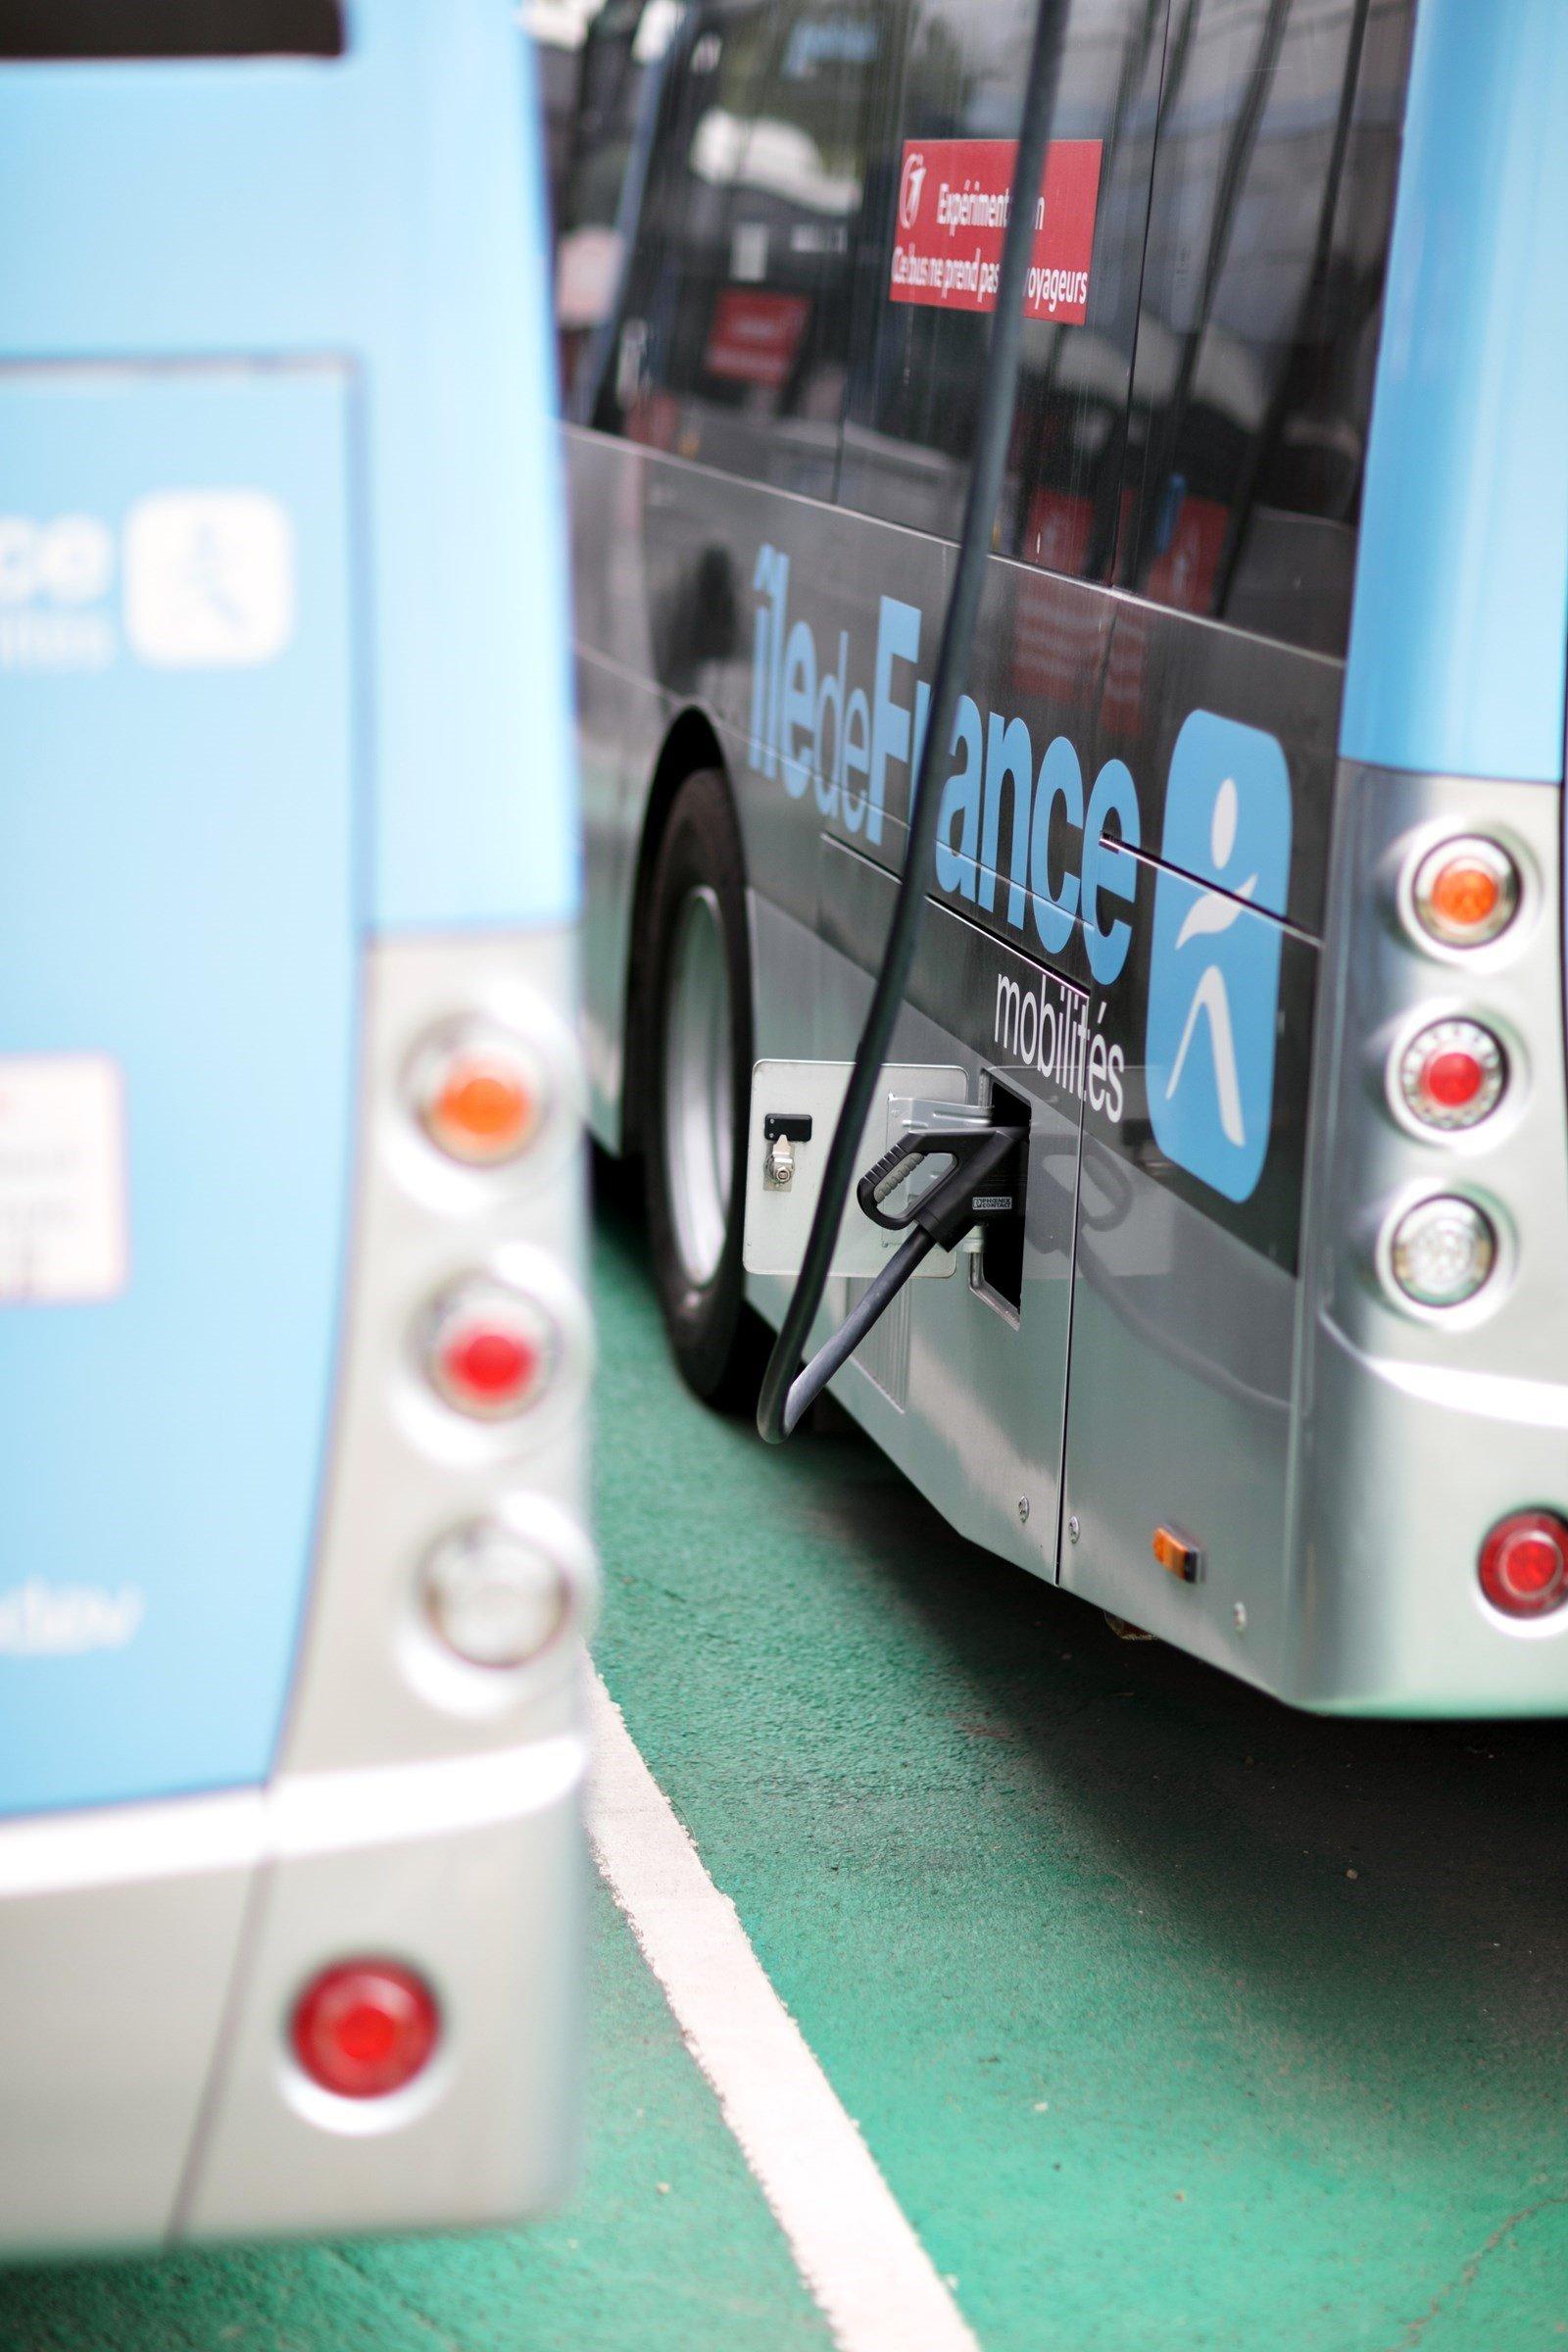 Favoriser les solutions zéro émission pour construire une mobilité durable